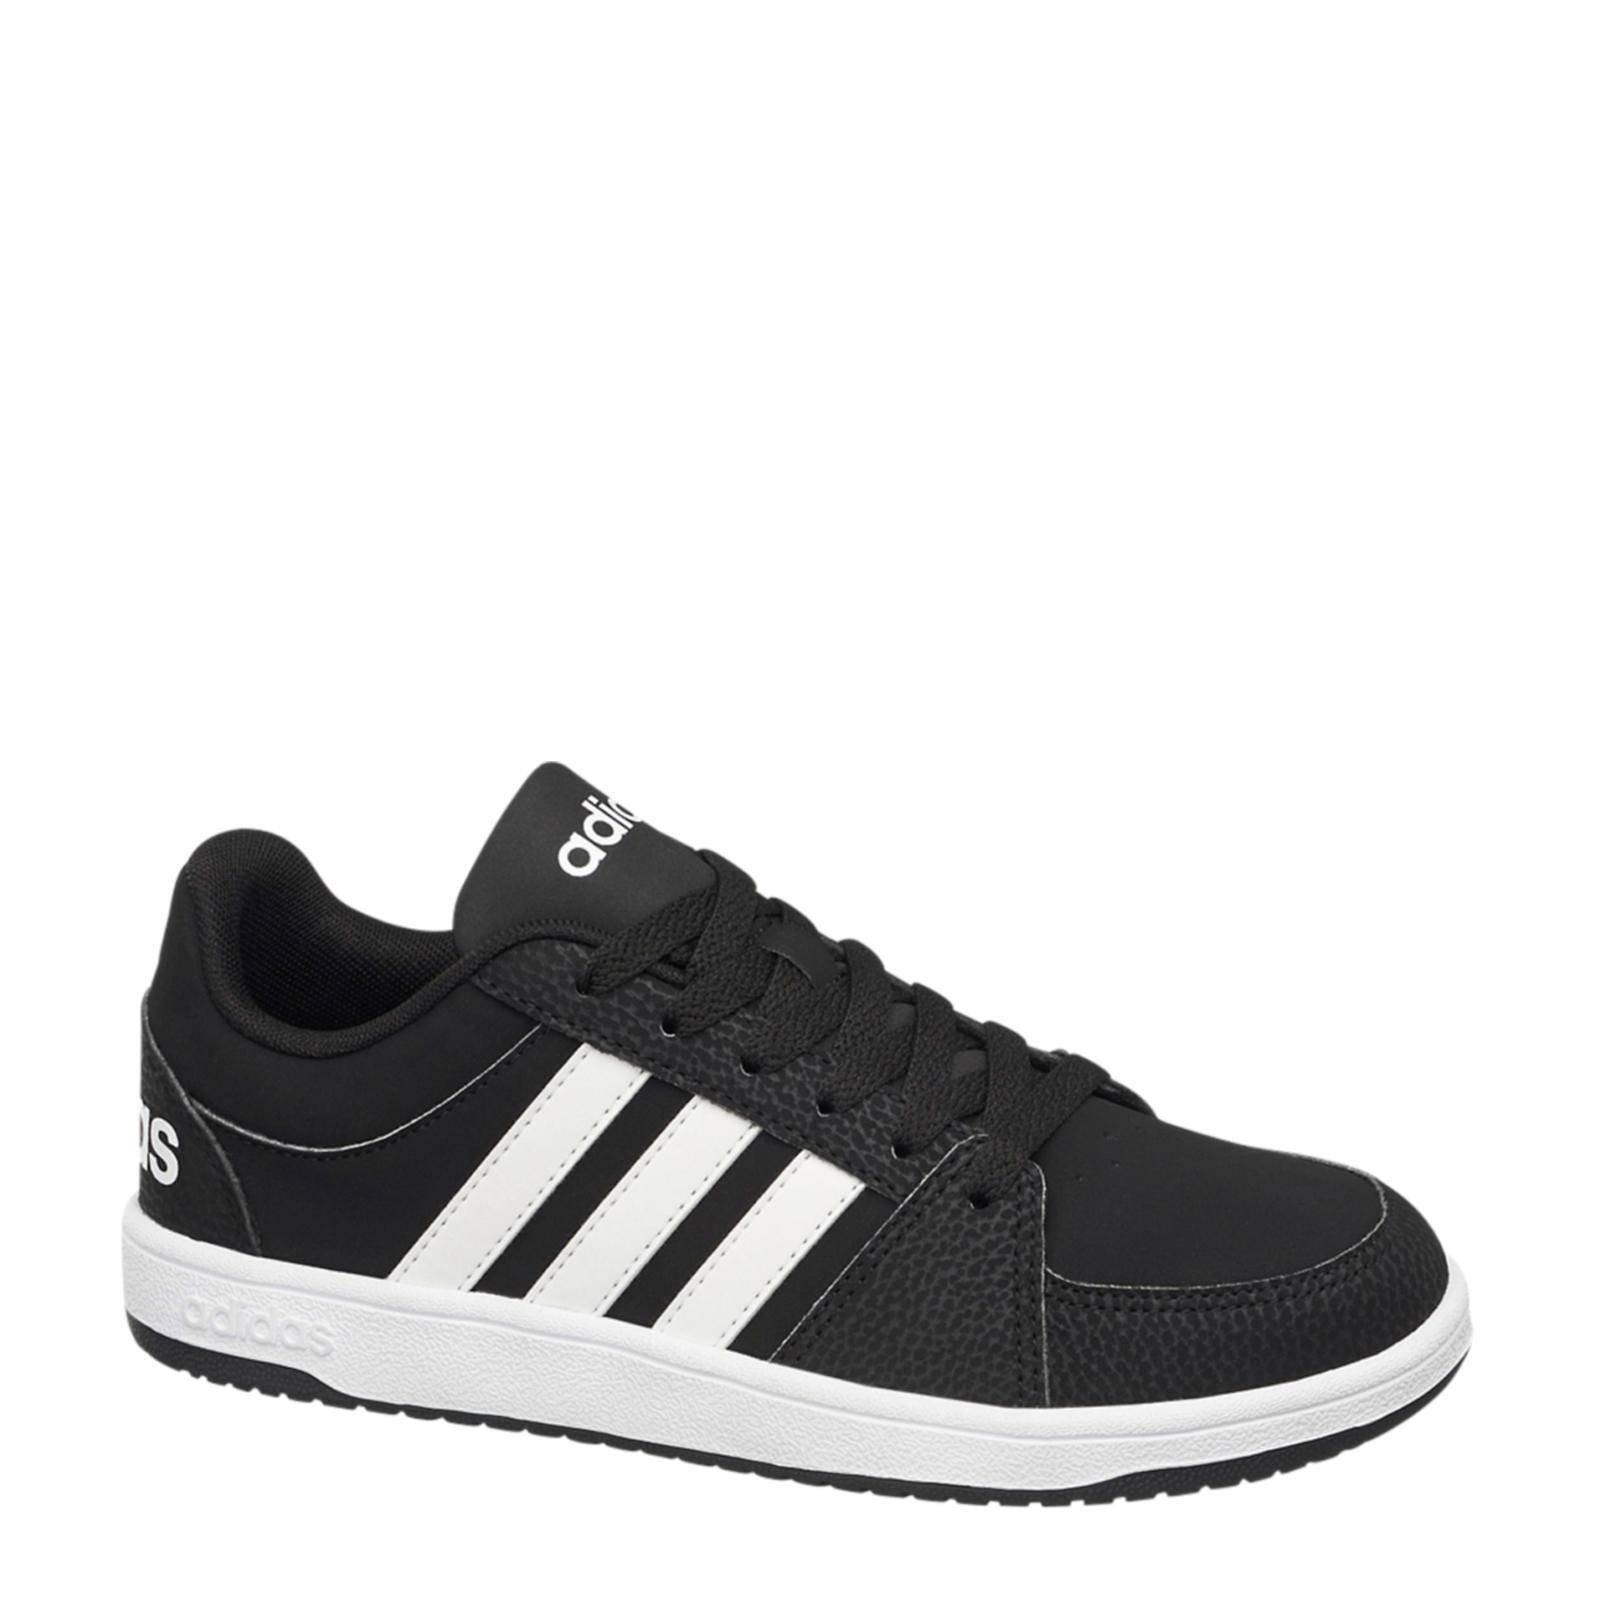 Noir Adidas Chaussures Cerceaux Pour Femmes 5ofPj2